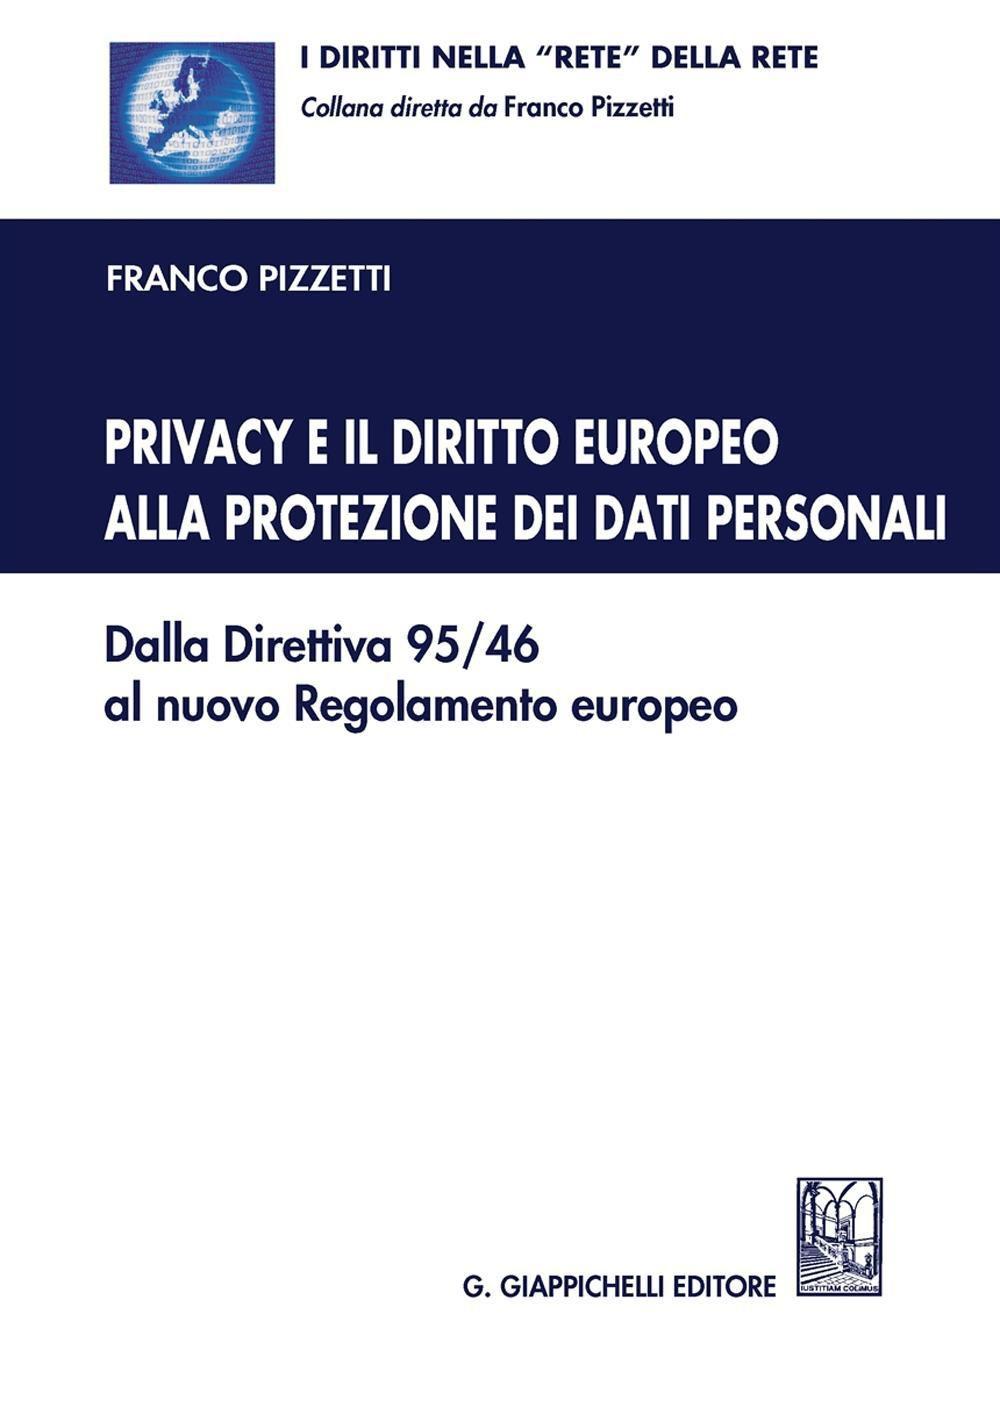 Privacy e il diritto europeo alla protezione dei dati personali: dalla Direttiva 95/46 al nuovo Regolamento europeo. Franco Pizzetti